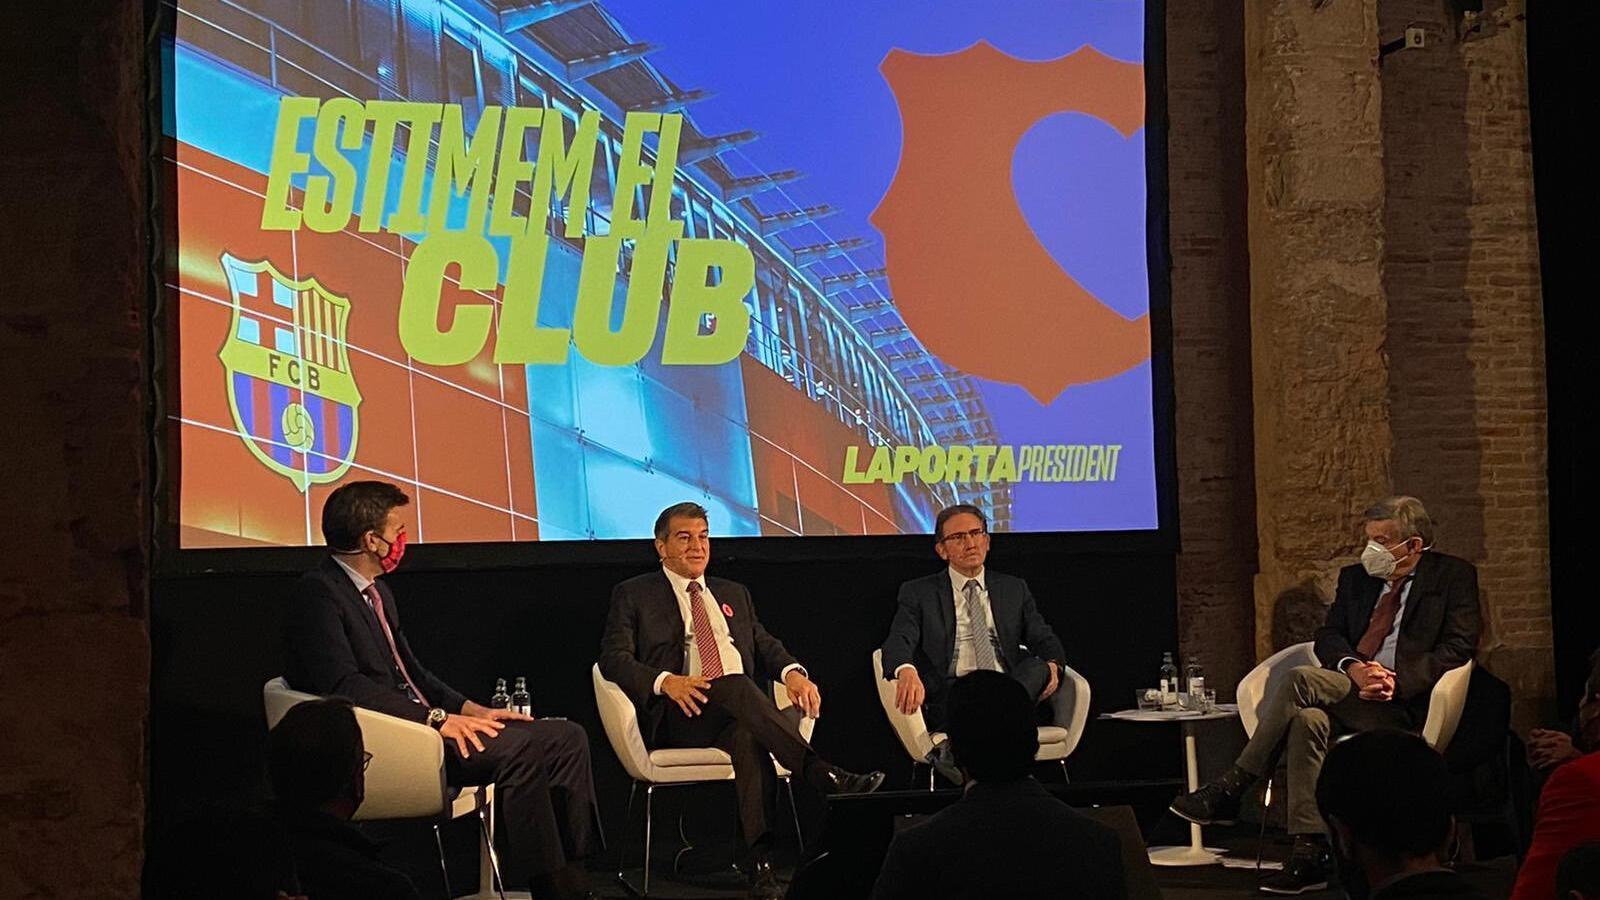 L'acte de presentació de programa econòmic de Laporta.